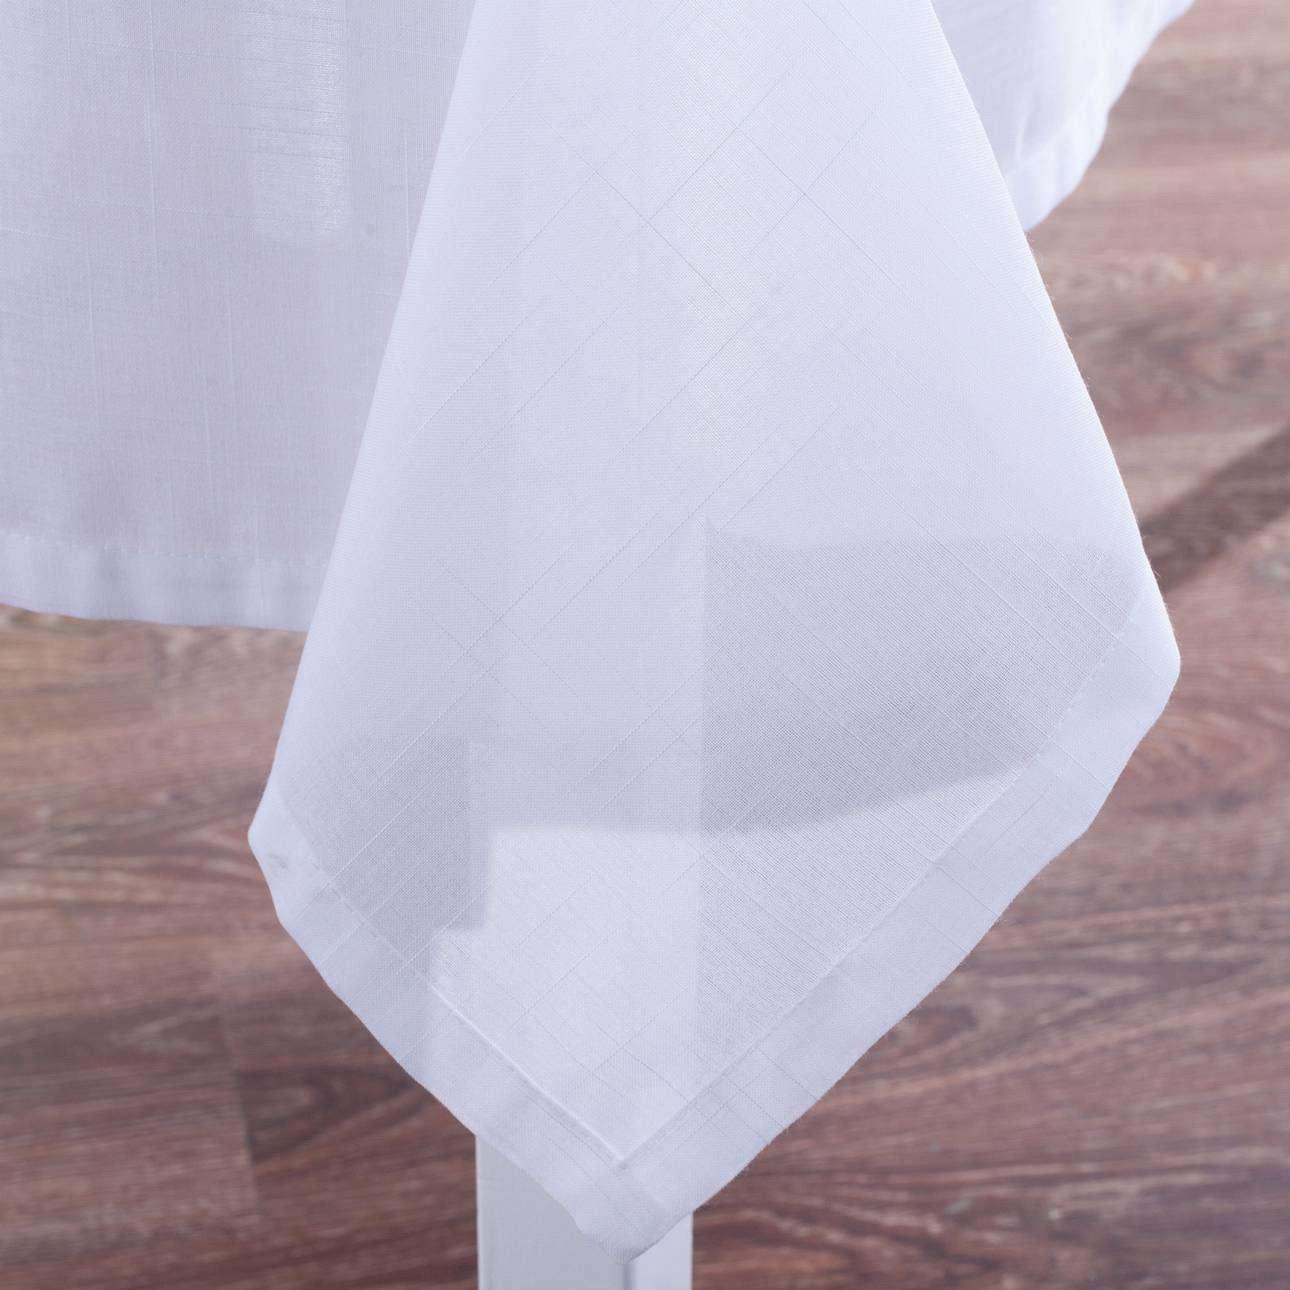 Obrus prostokątny 130x130 cm w kolekcji Romantica, tkanina: 128-77